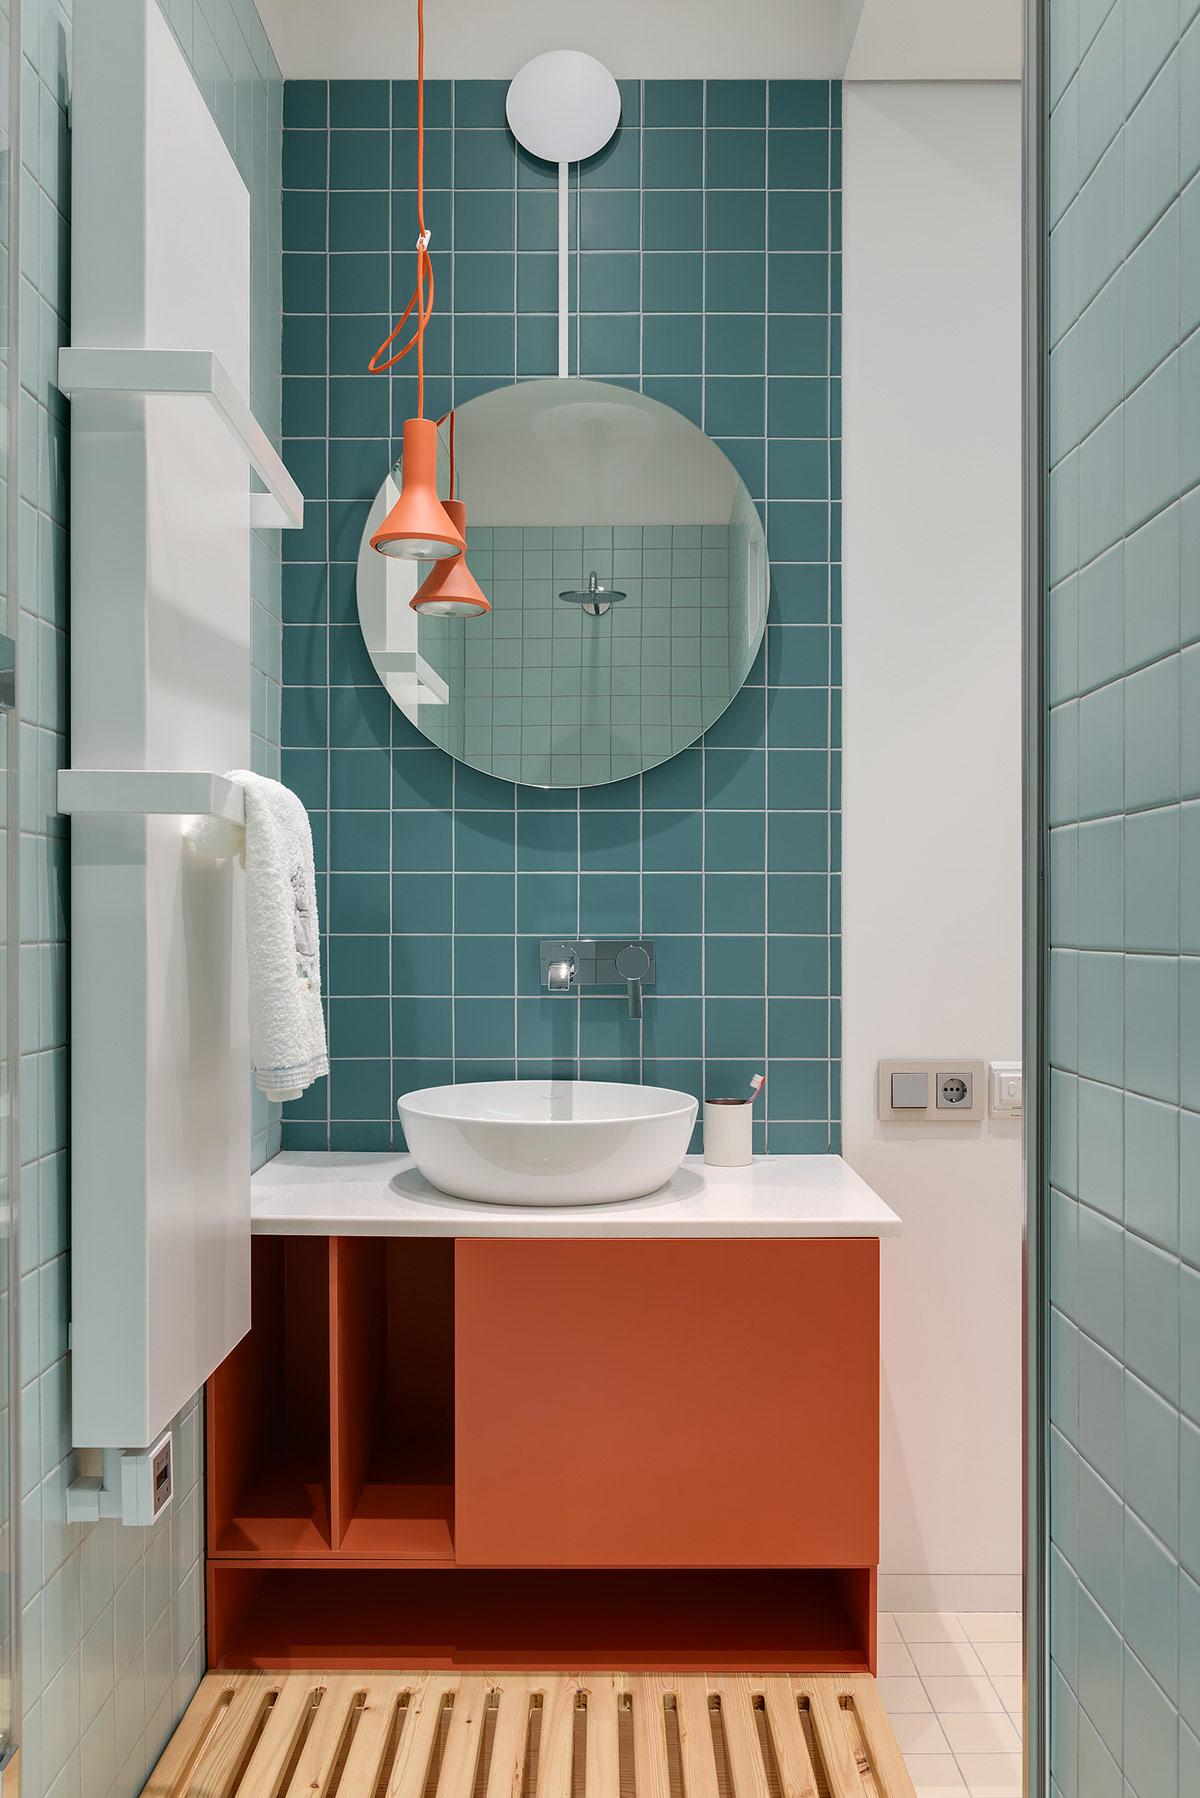 Vannitoa detailid vannitoasisustus